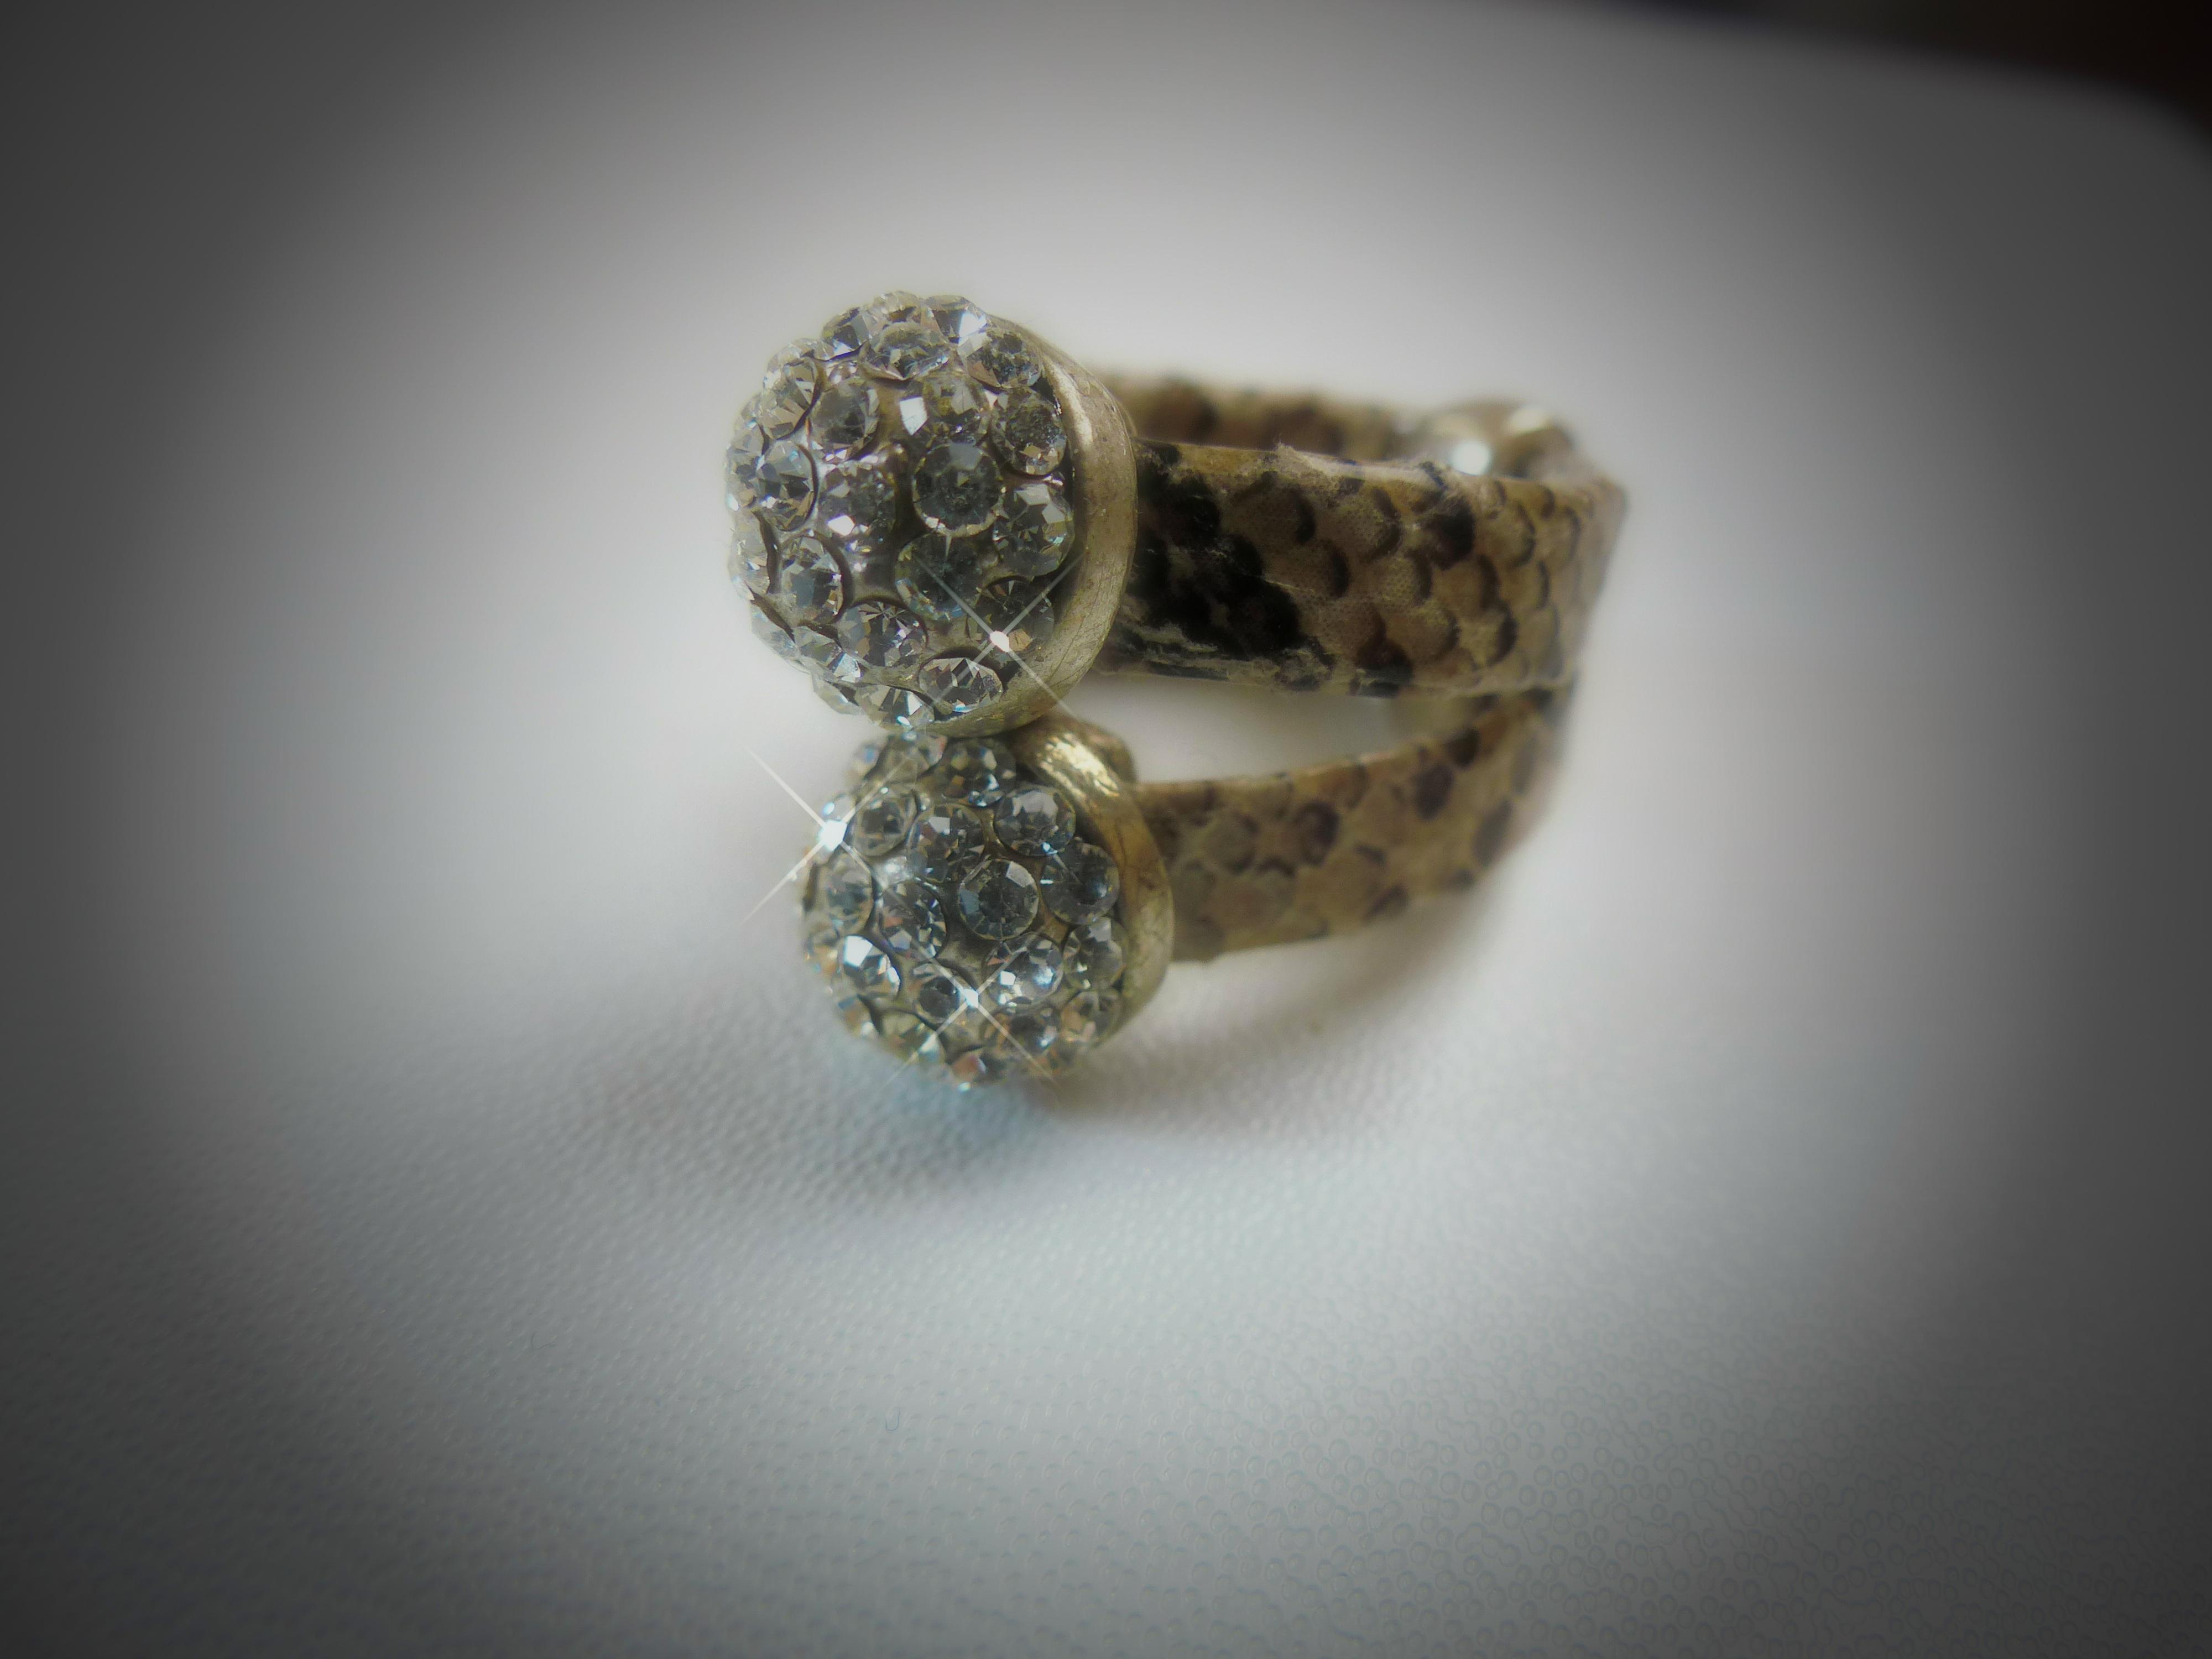 7f7501a0f3b3 mano anillo Moda de cerca joyería plata accesorios Organo diamante equipar  vestidos piedra preciosa Fotografía macro